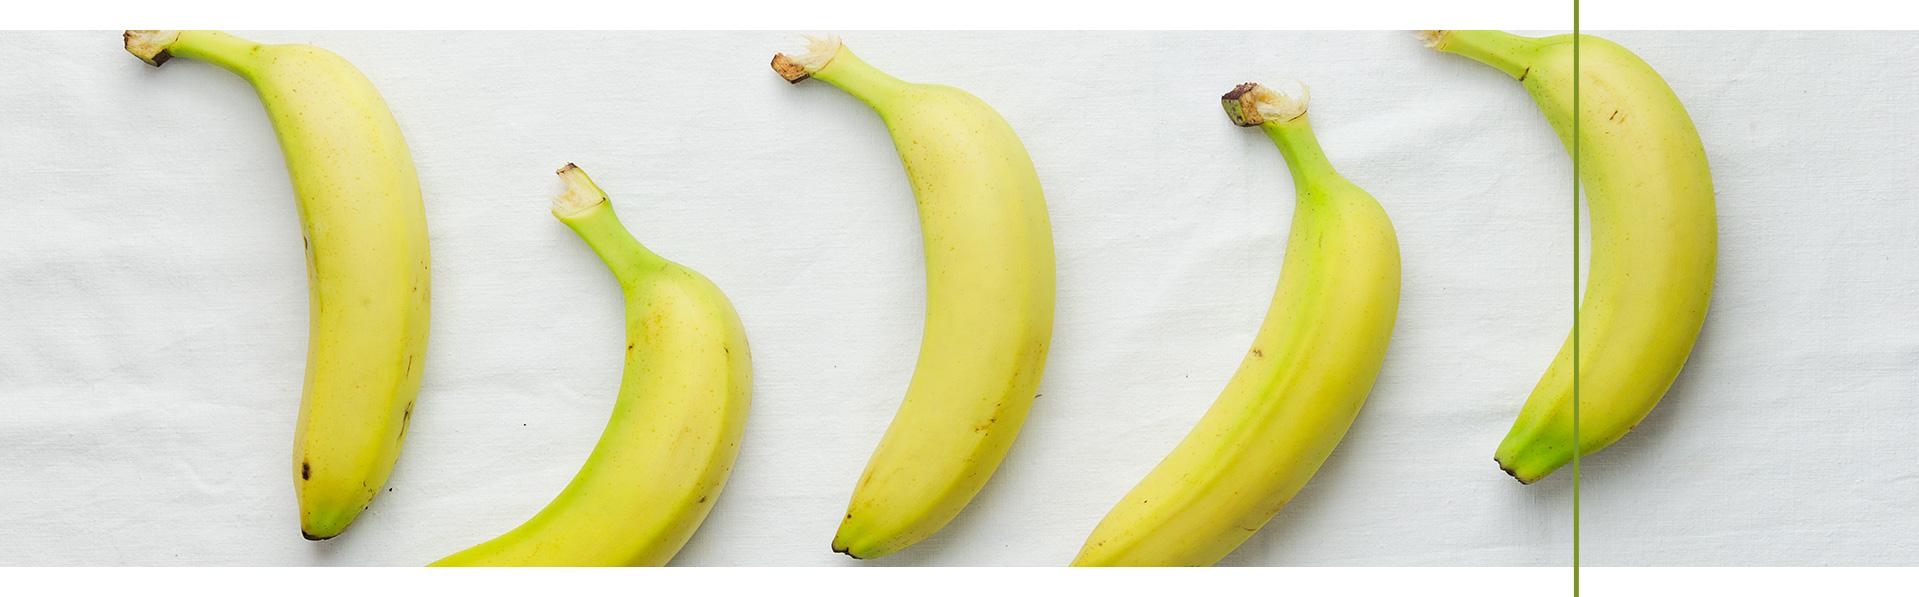 Kupuj samotne banany